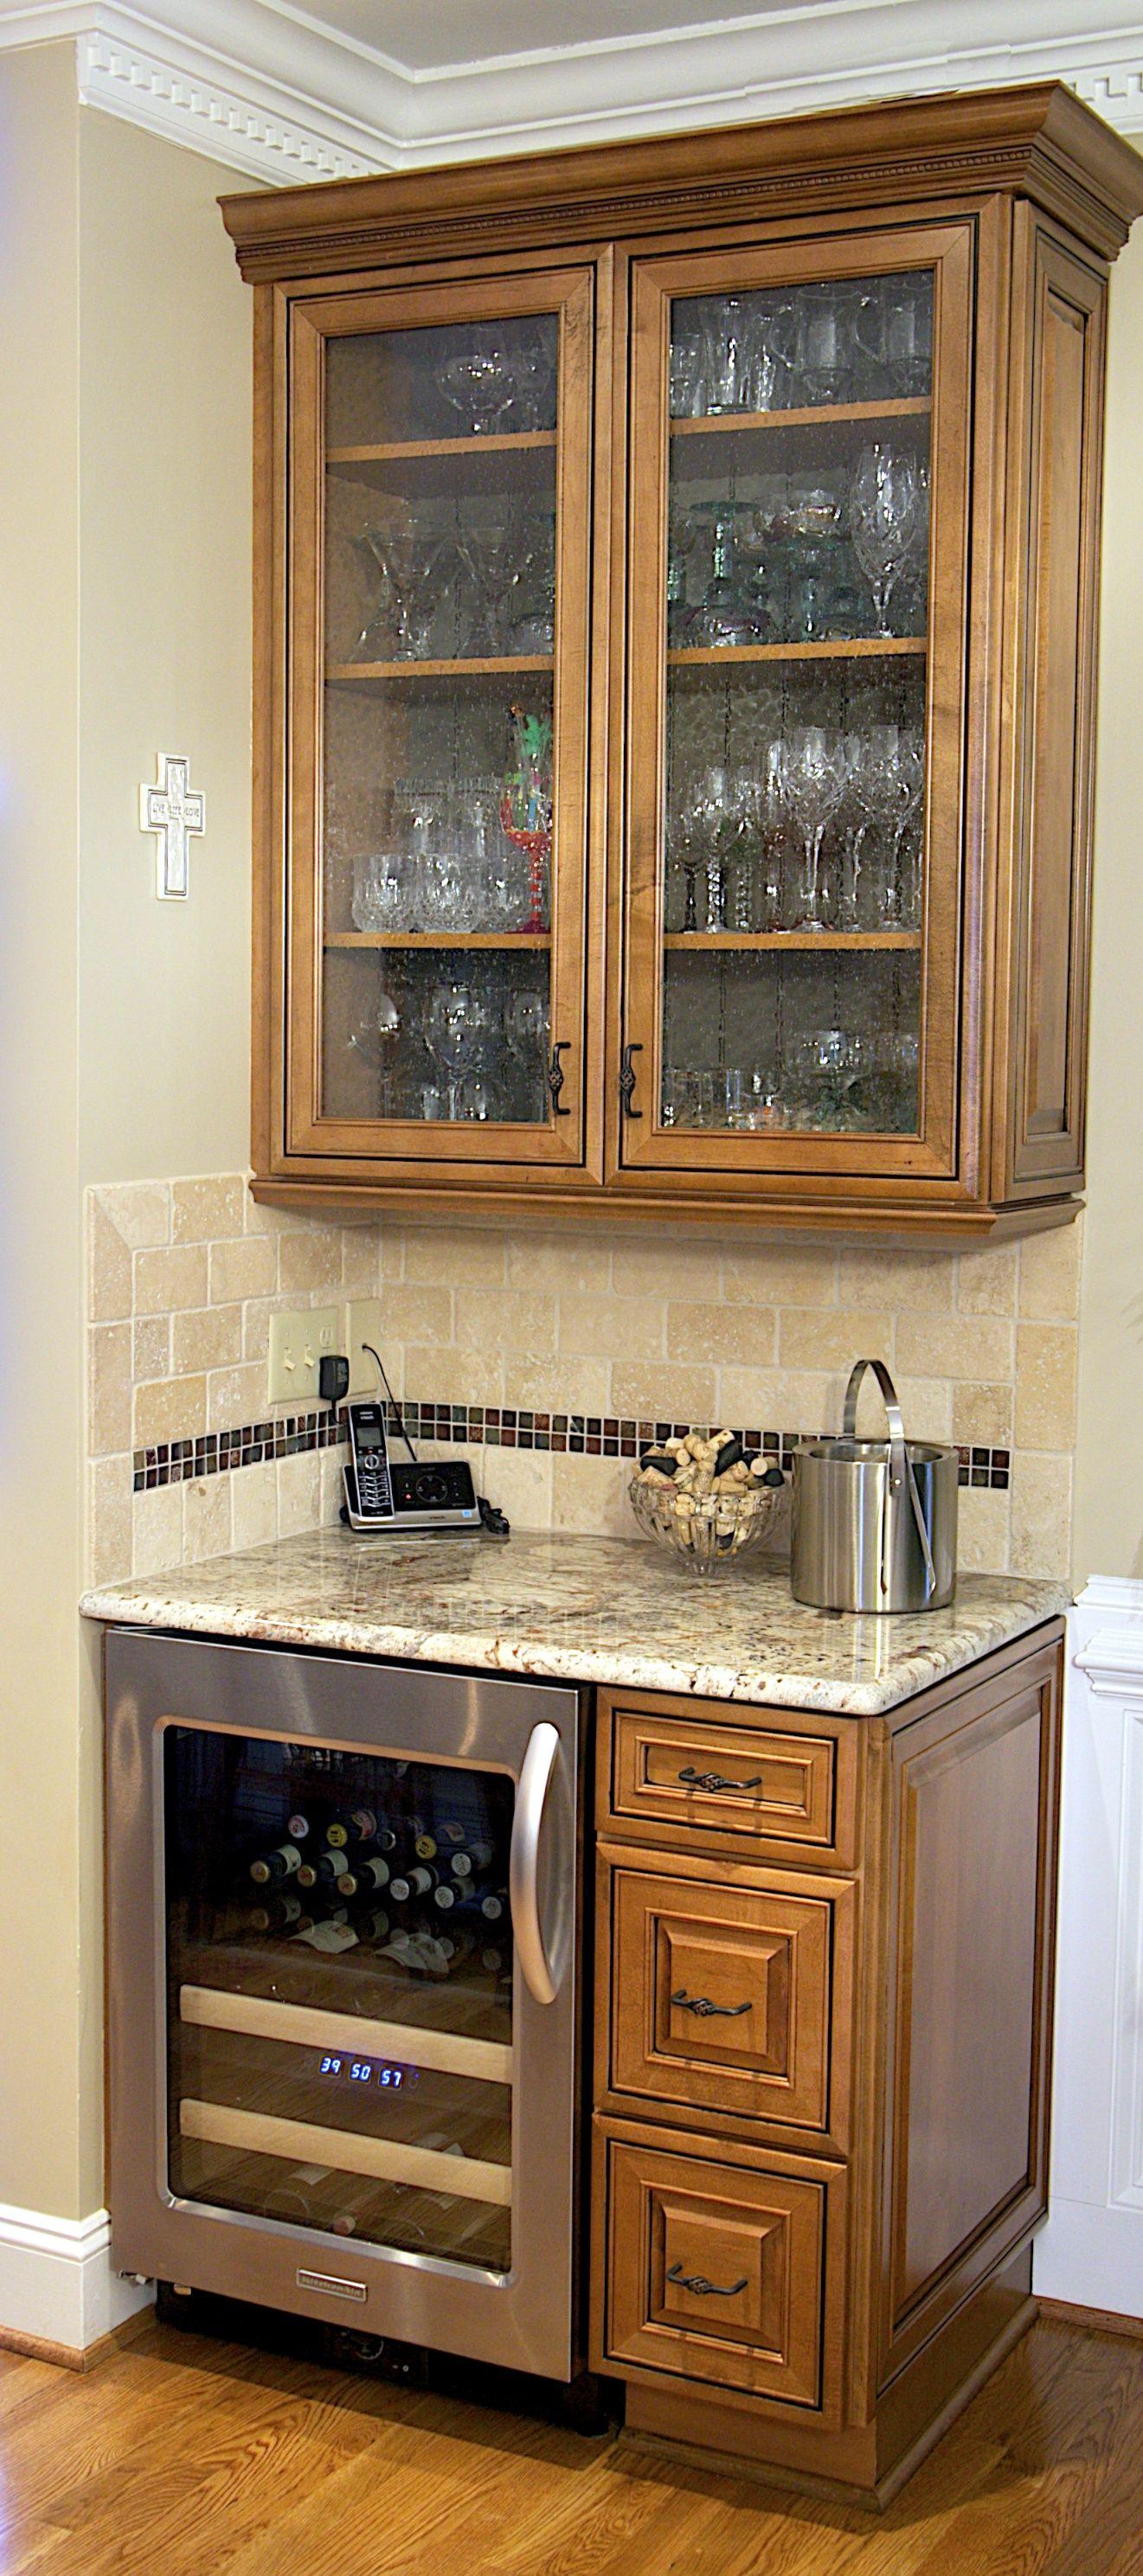 Kitchen Beverage Center Kitchenaid Refrigerator Keeps